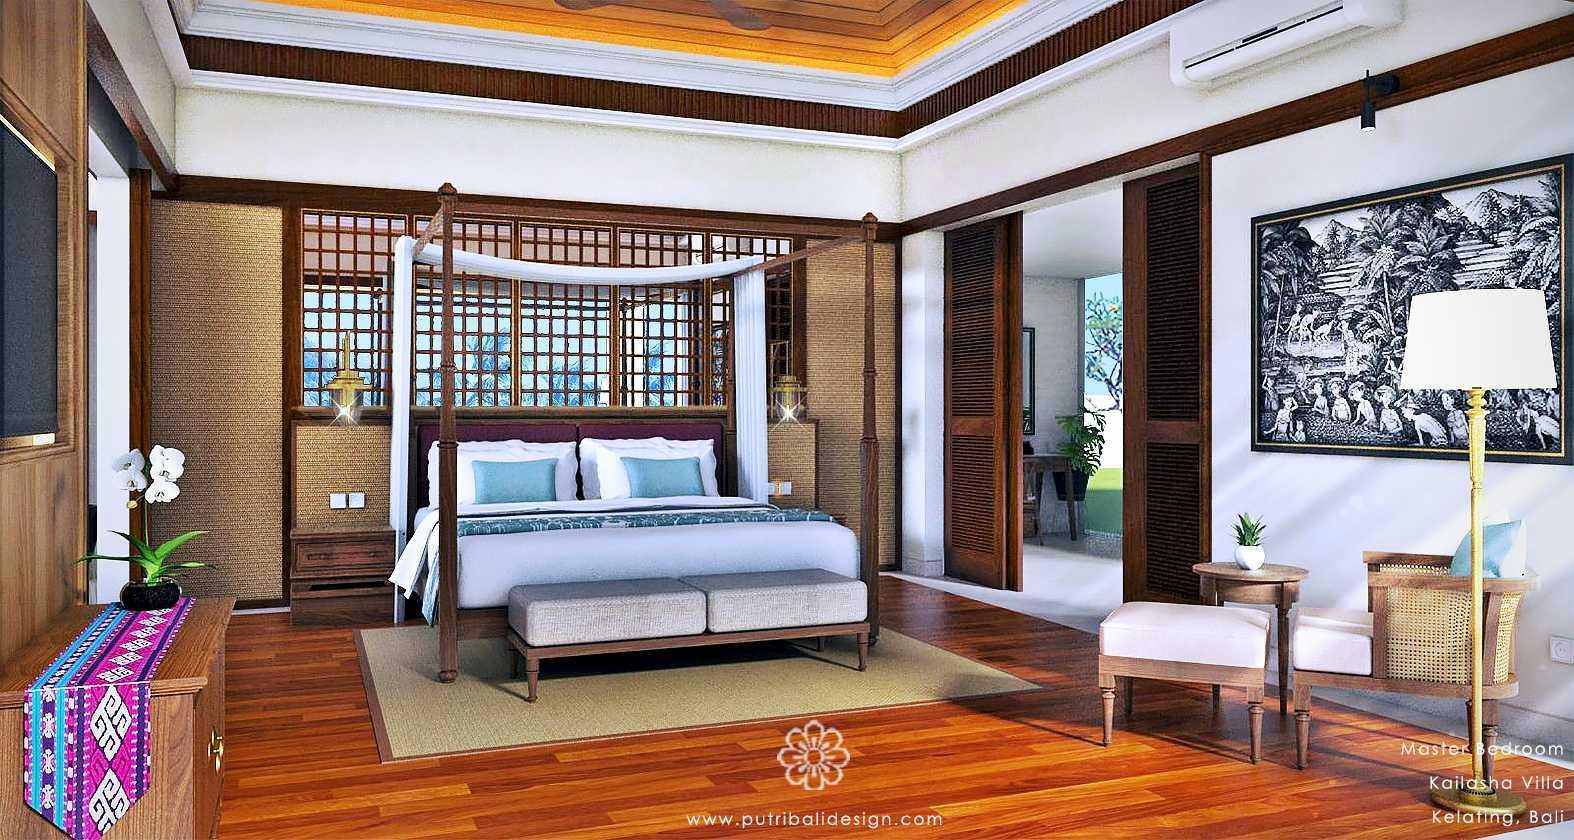 Putri Bali Design Kailasha Villa Kabupaten Tabanan, Bali, Indonesia Kabupaten Tabanan, Bali, Indonesia Putri-Bali-Design-Kailasha-Villa  86469